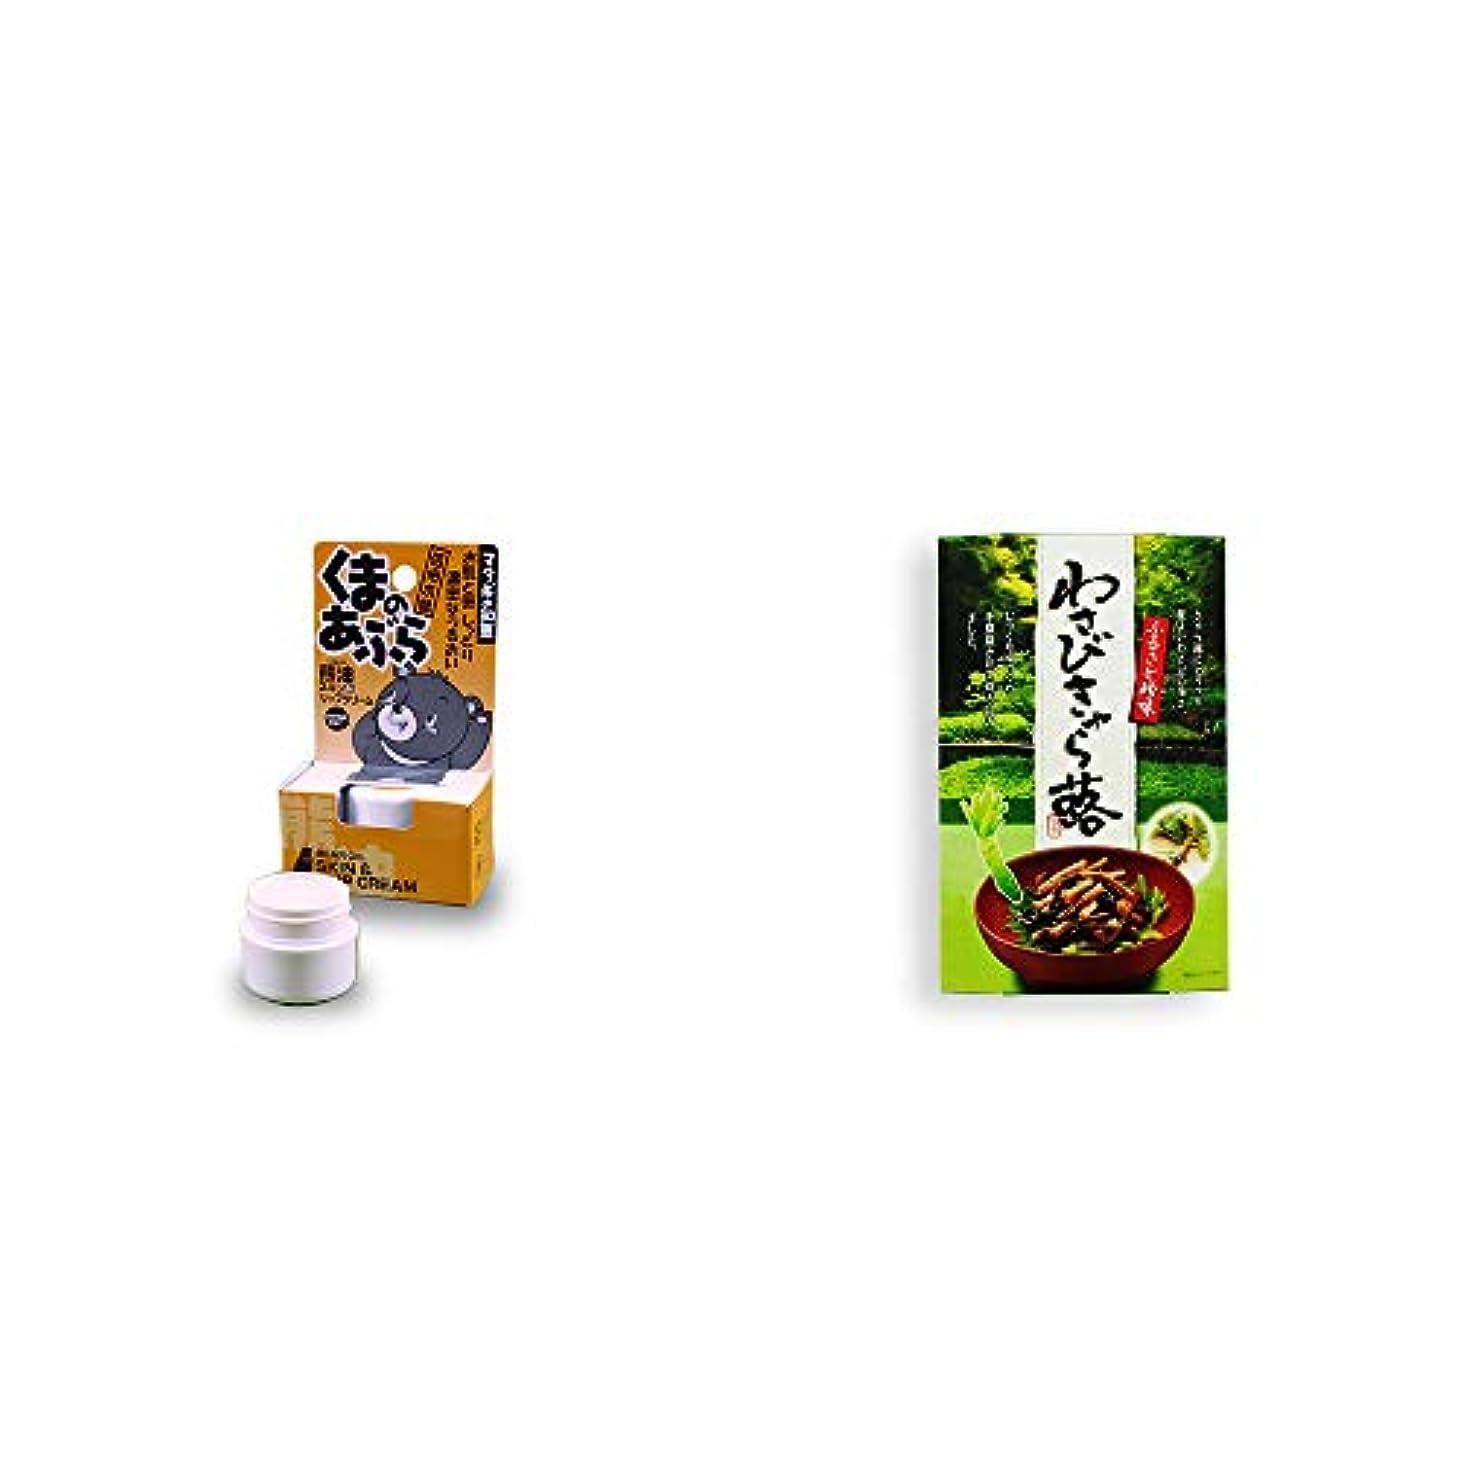 腐食するパトロール故障[2点セット] 信州木曽 くまのあぶら 熊油スキン&リップクリーム(9g)?わさびきゃら蕗(180g)